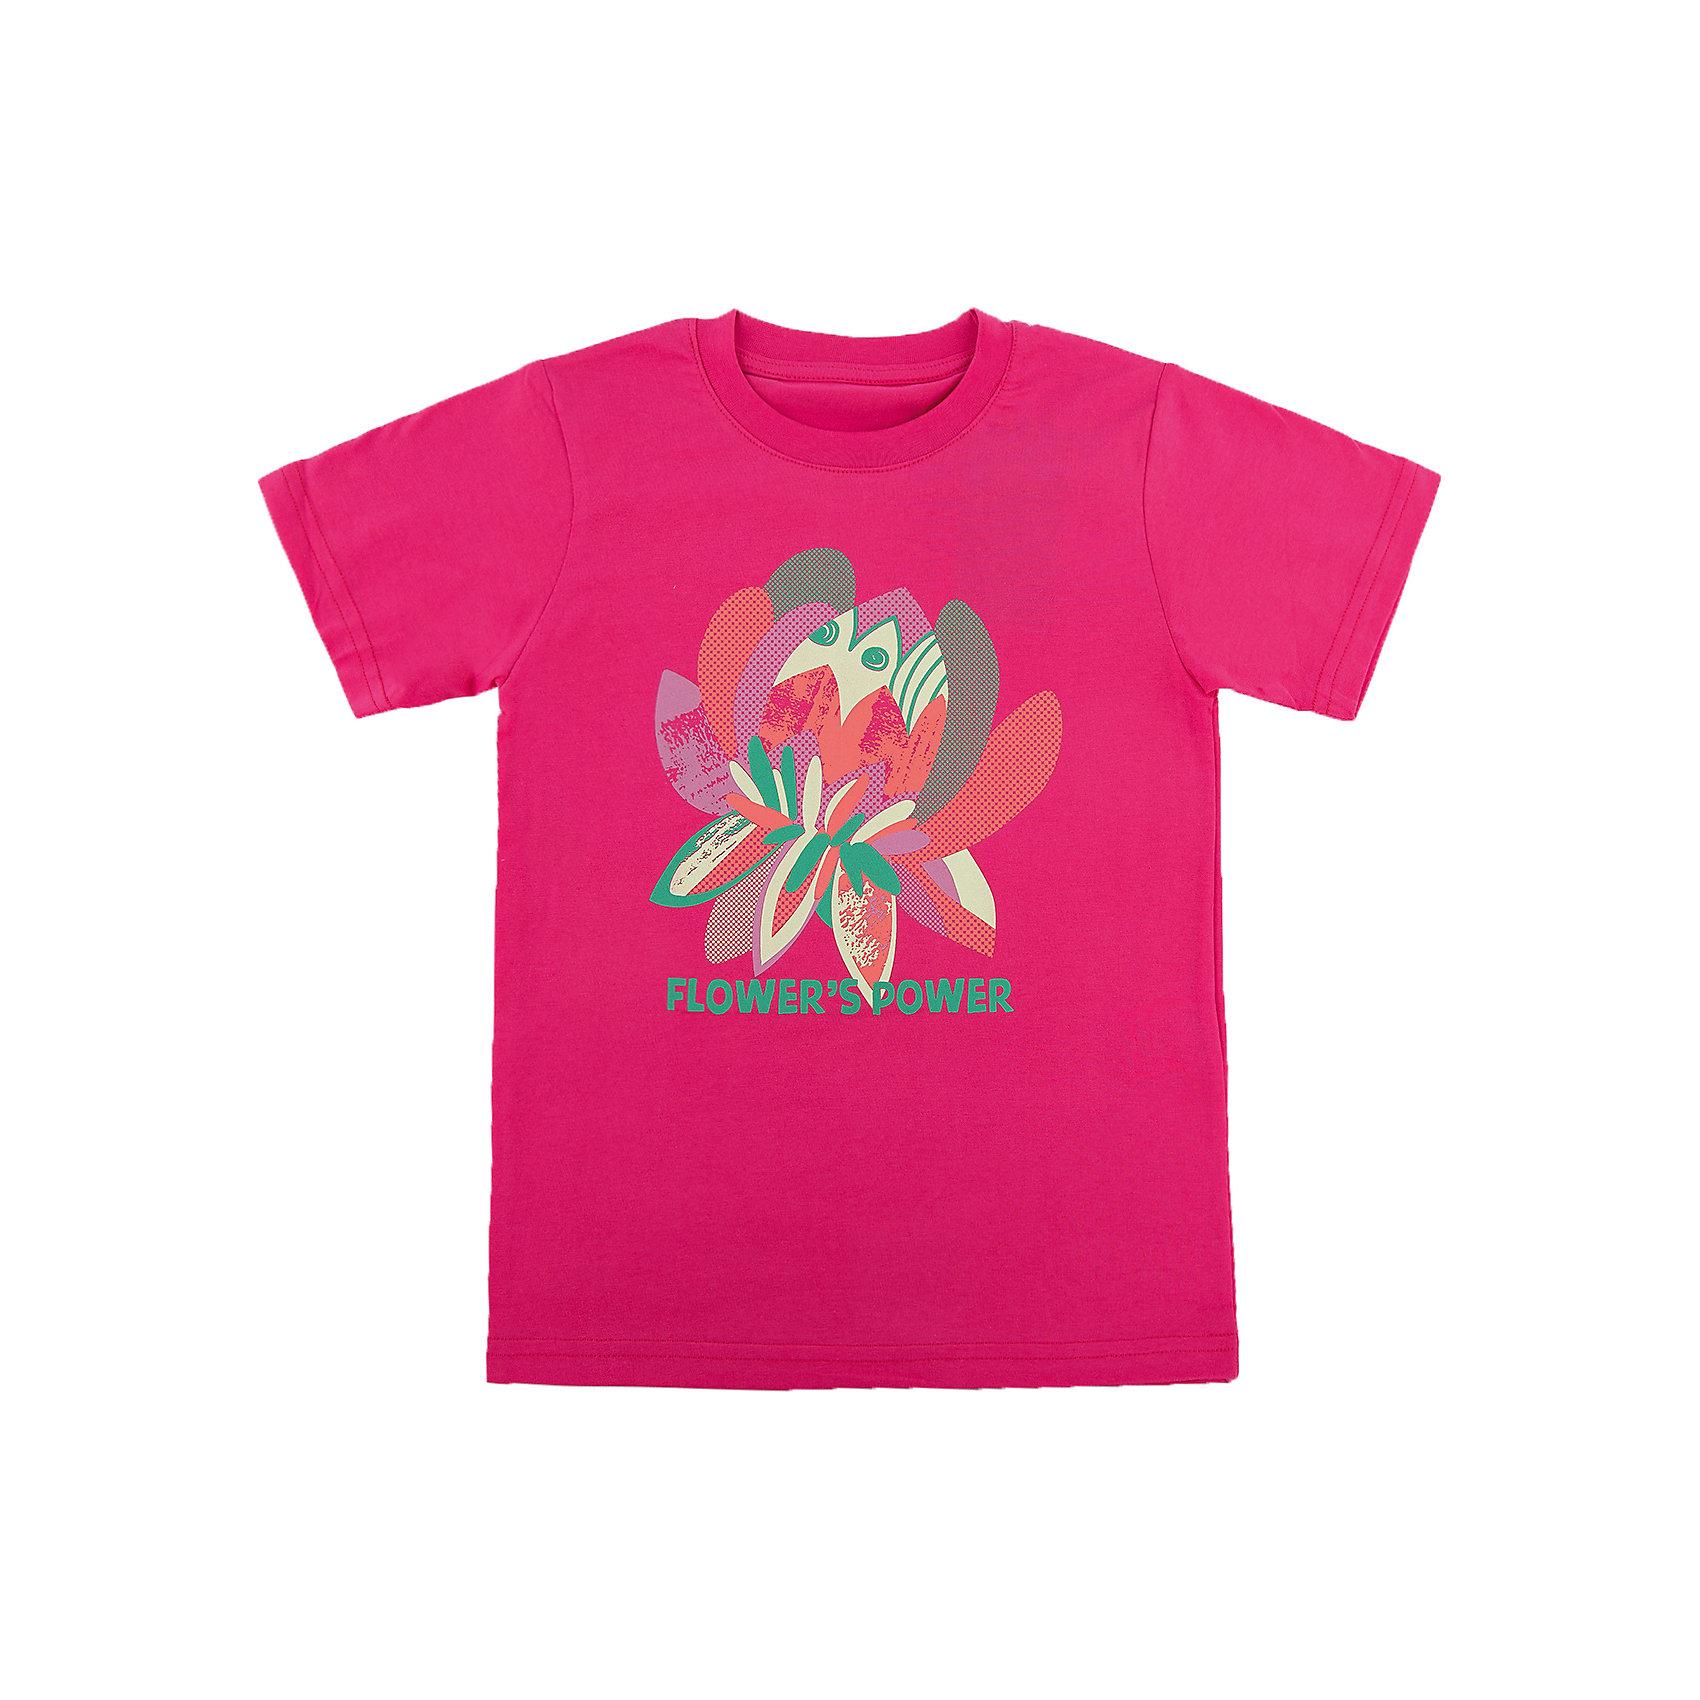 Футболка для девочки WOWФутболки, поло и топы<br>Футболка для девочки WOW<br>Незаменимой вещью в  гардеробе послужит футболка с коротким рукавом. Стильная и в тоже время комфортная модель, с яркой оригинальной печатью, будет превосходно смотреться на ребенке.<br>Состав:<br>кулирная гладь 100% хлопок<br><br>Ширина мм: 199<br>Глубина мм: 10<br>Высота мм: 161<br>Вес г: 151<br>Цвет: красный<br>Возраст от месяцев: 156<br>Возраст до месяцев: 168<br>Пол: Женский<br>Возраст: Детский<br>Размер: 164,128,134,140,146,152,158<br>SKU: 6871763